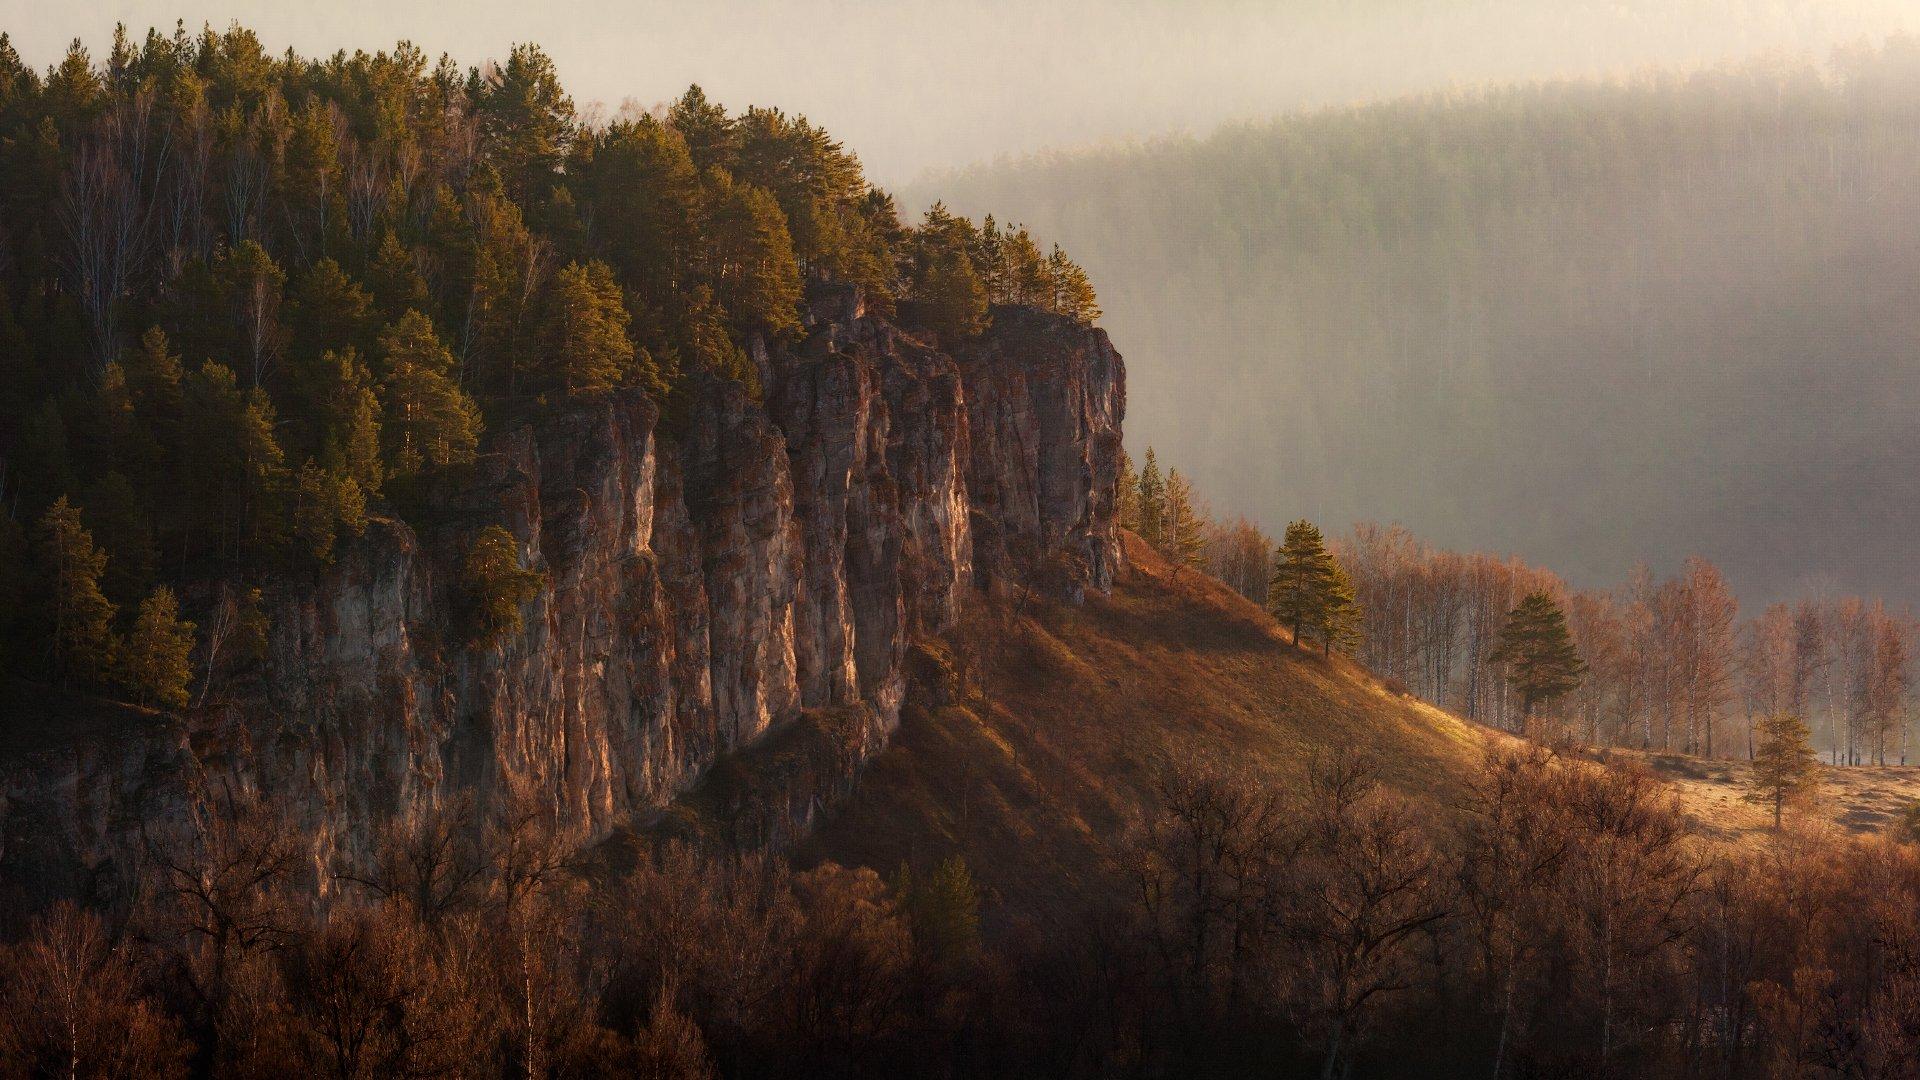 южный урал, река юрюзань, жеребчиковый гребень, marateaman